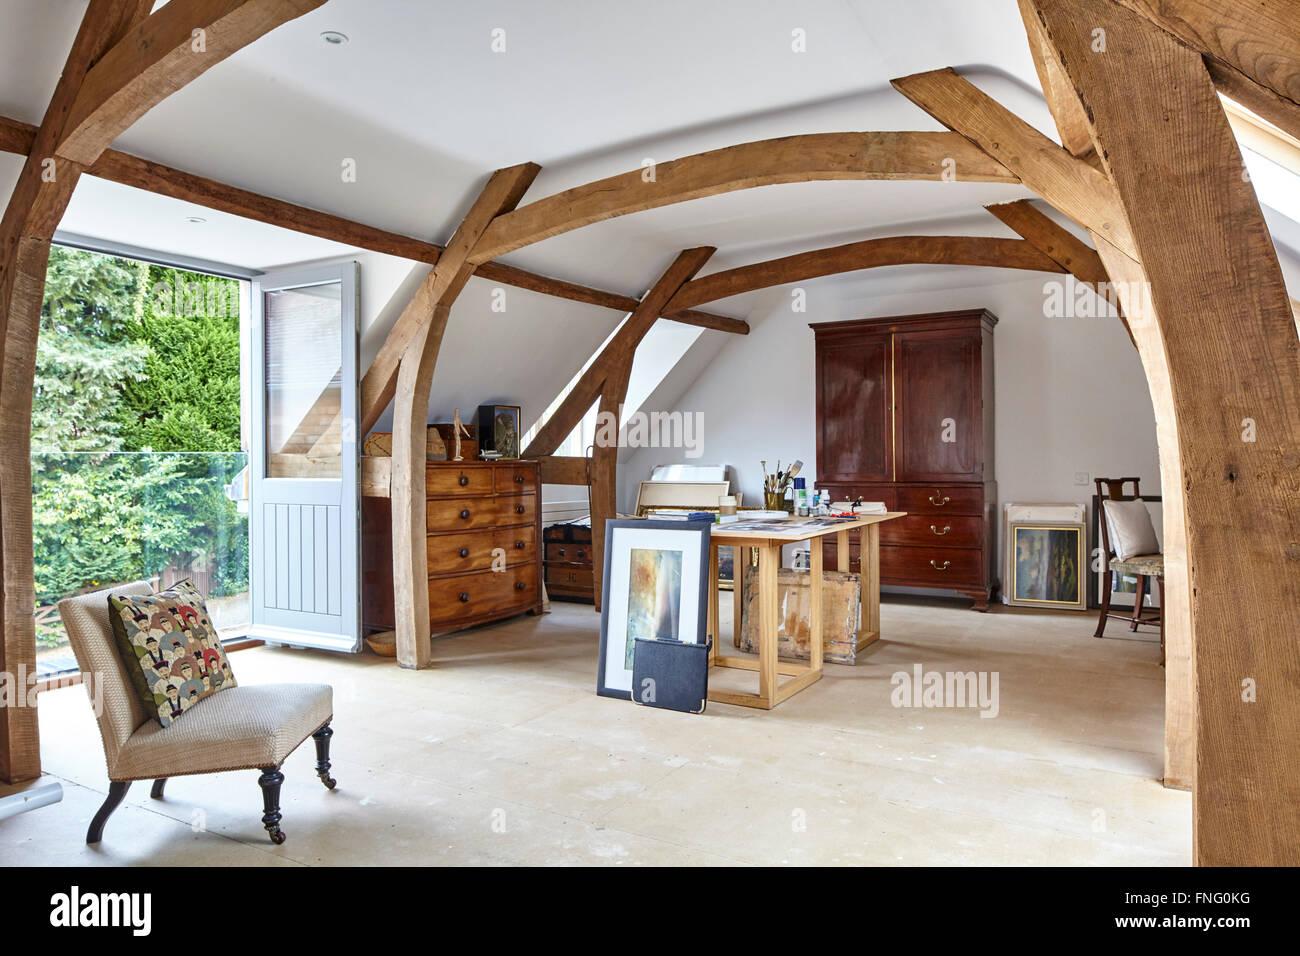 Foto Di Soffitti Con Travi In Legno : Primo piano studio dell artista con travi di legno in vista semi